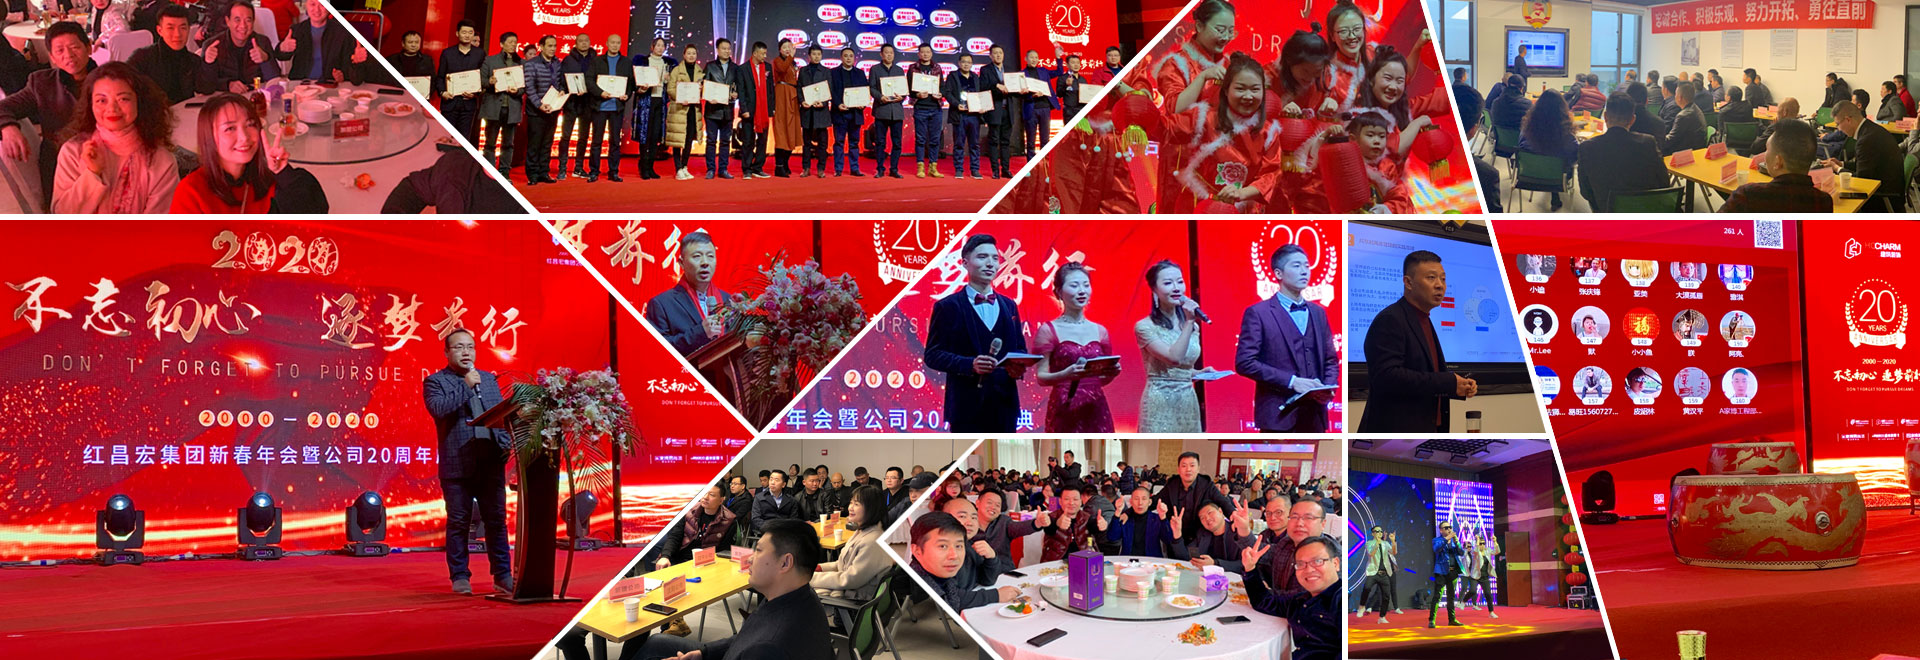 雷竞技app下载官方版ios集团2020年新春年会暨公司20周年庆典圆满落幕